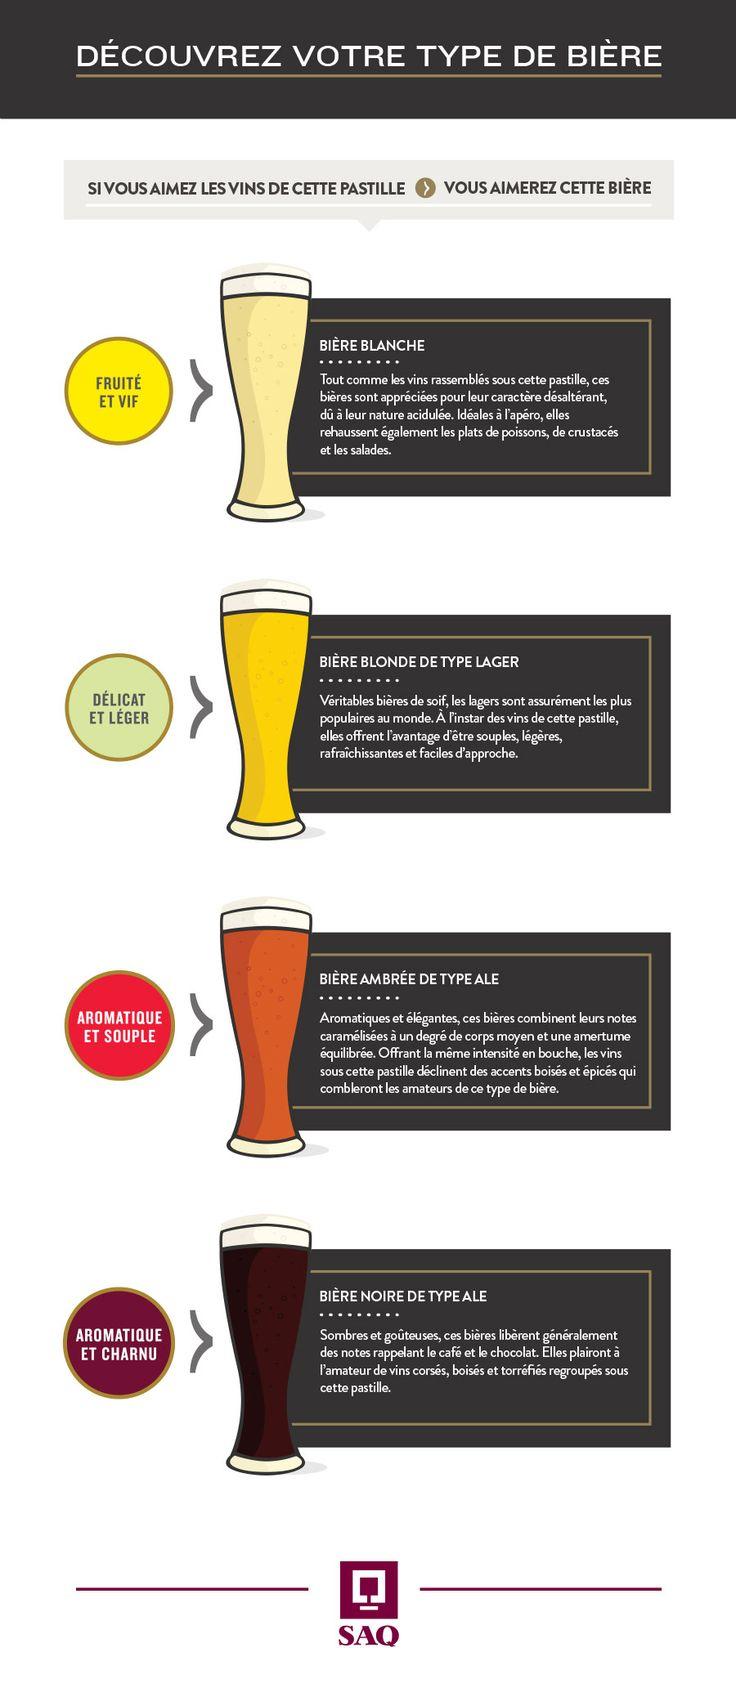 Découvrez votre type de bière ! #infographie #bière #oktoberfest